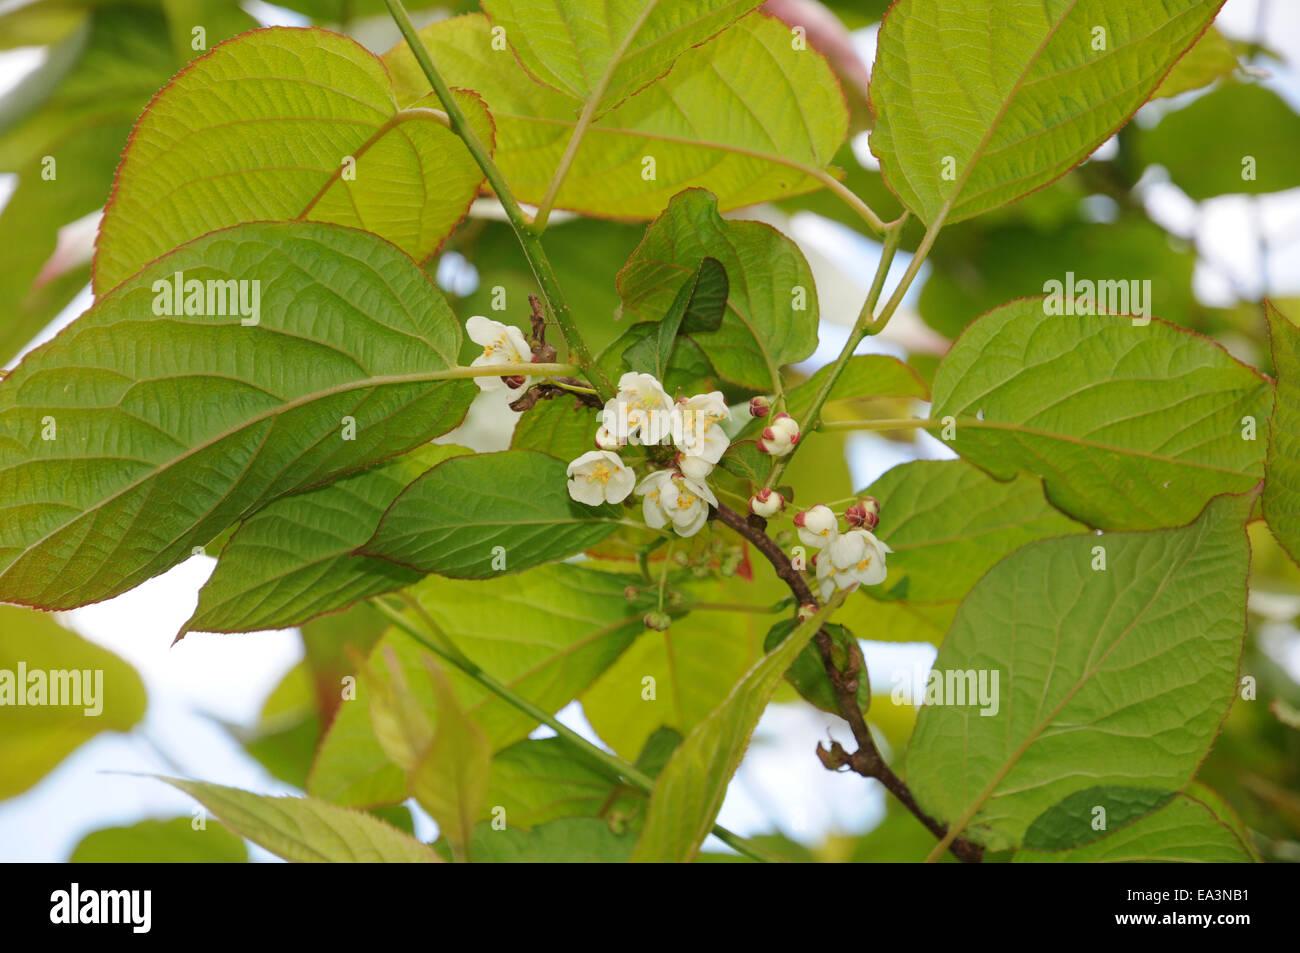 Variegated kiwi vine - Stock Image